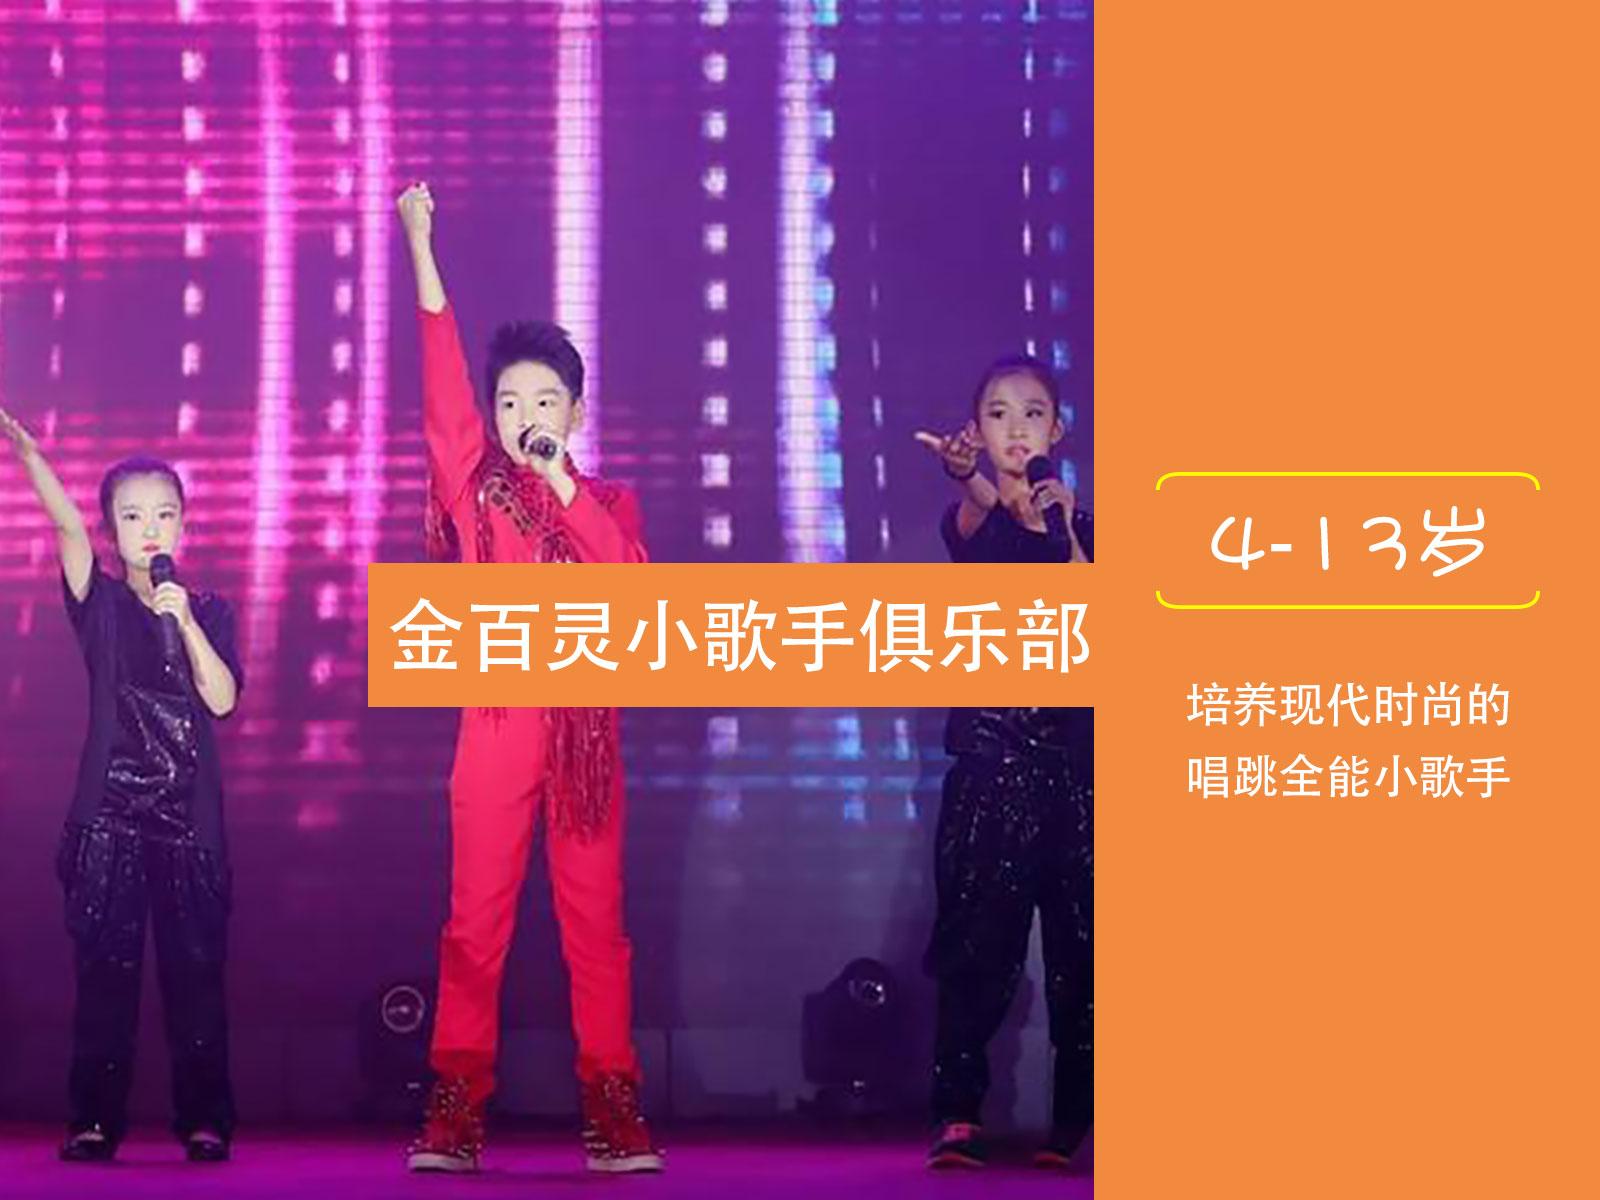 金百灵小歌手俱乐部音乐会邀请函